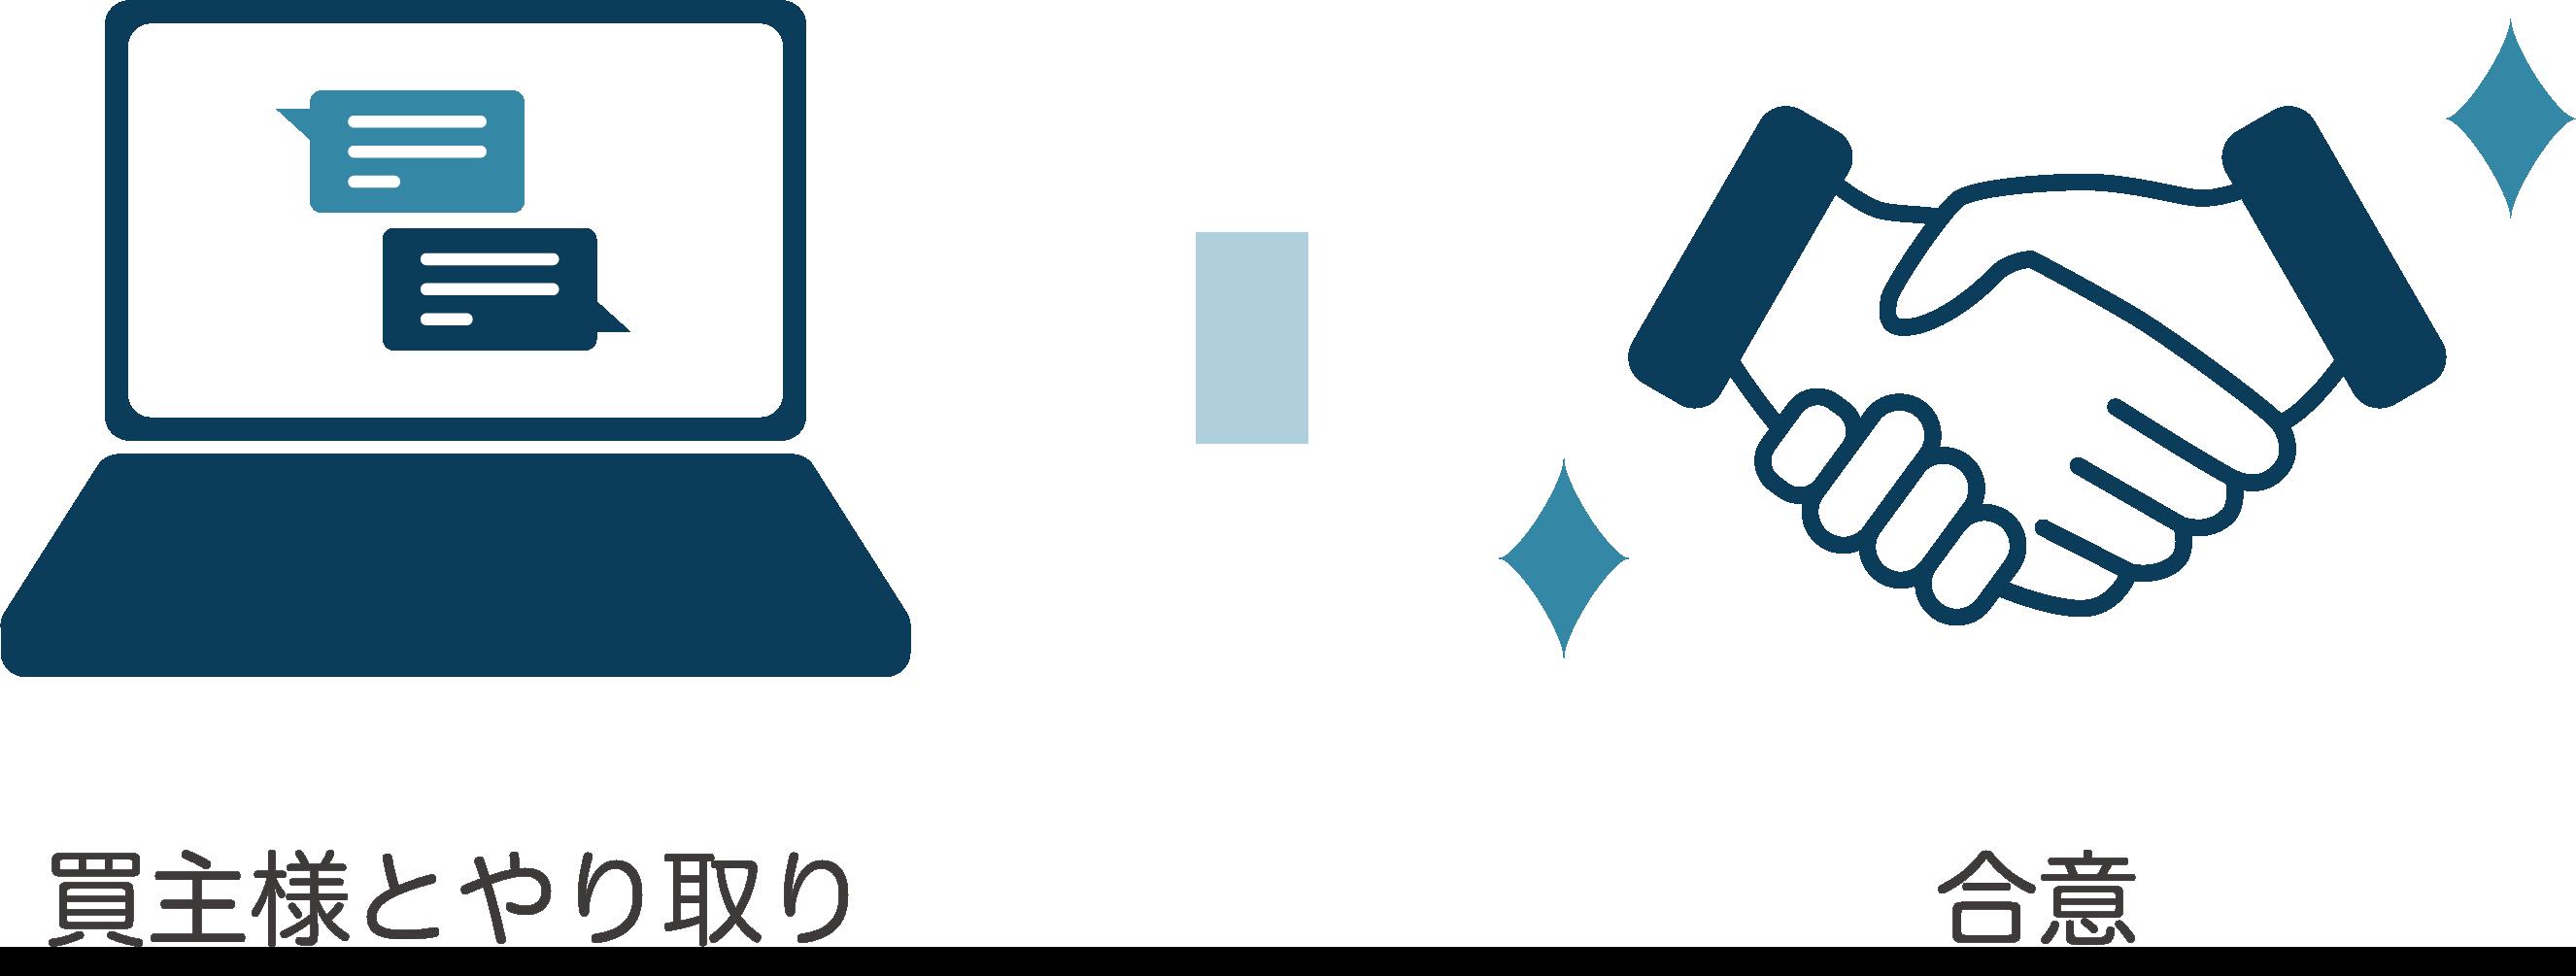 サイト売買のステップ2 交渉